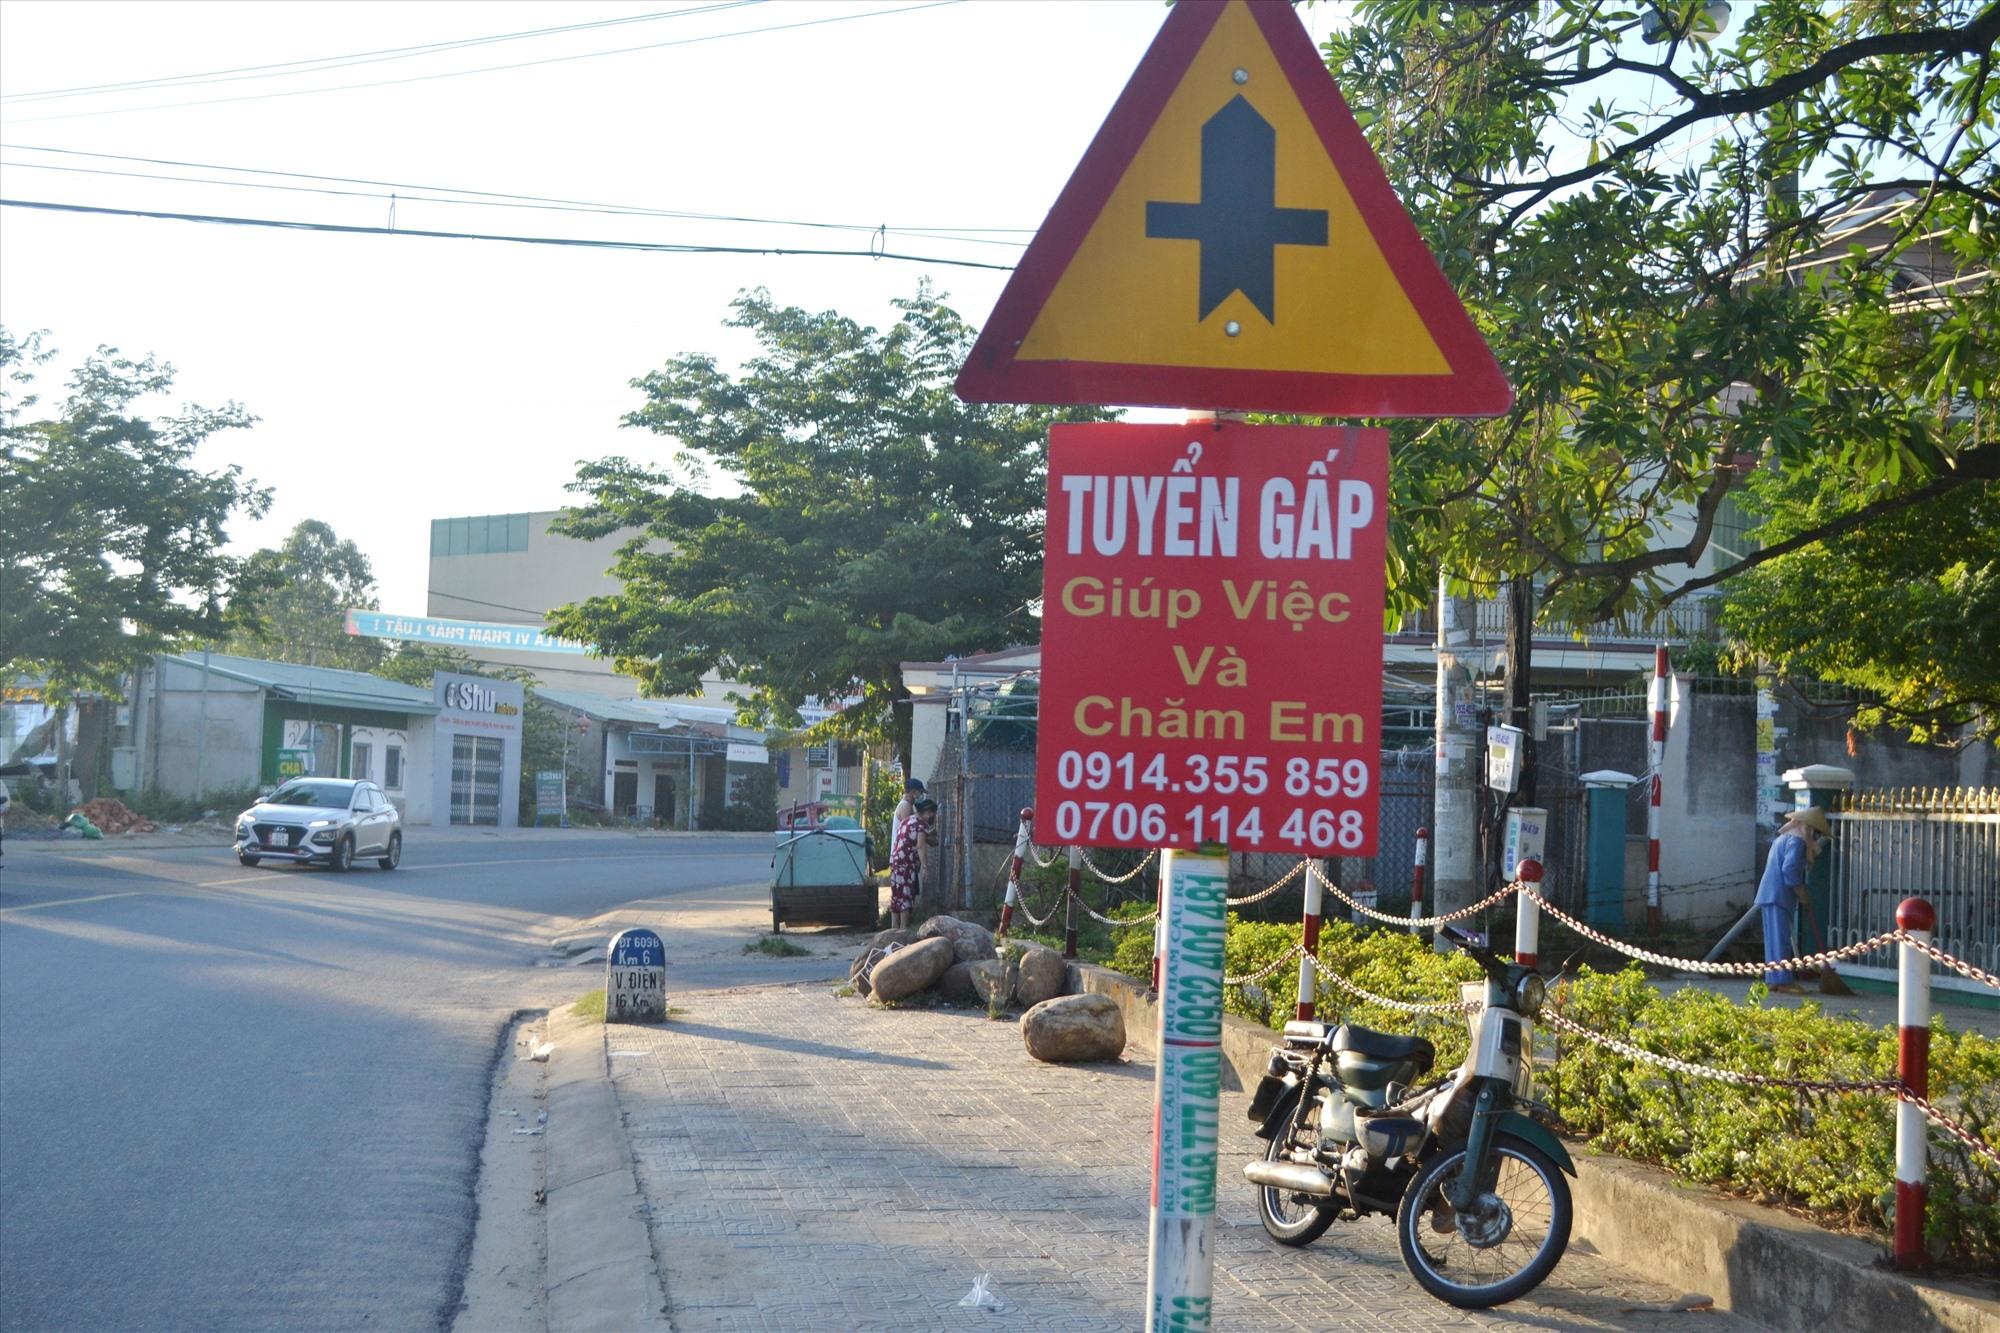 """Tấm rao vặt """"bu bám"""" biển báo trên tuyến ĐT609B, trước Bệnh viện Đa khoa khu vực miền núi phía Bắc Quảng Nam. Ảnh: T.C.T"""